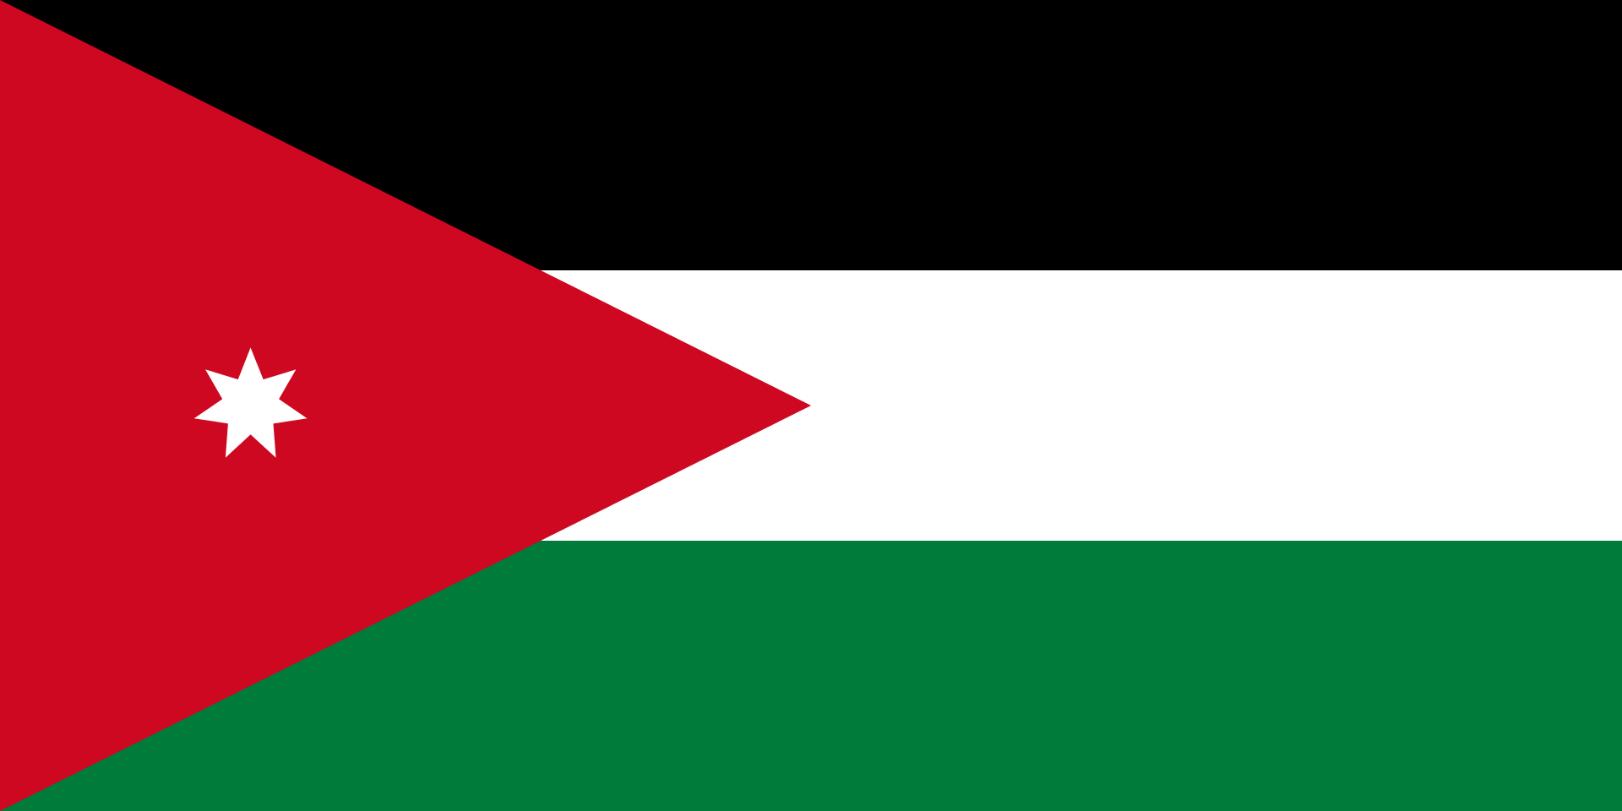 Flagge im Querformat Land Jordanien 150x100 cm